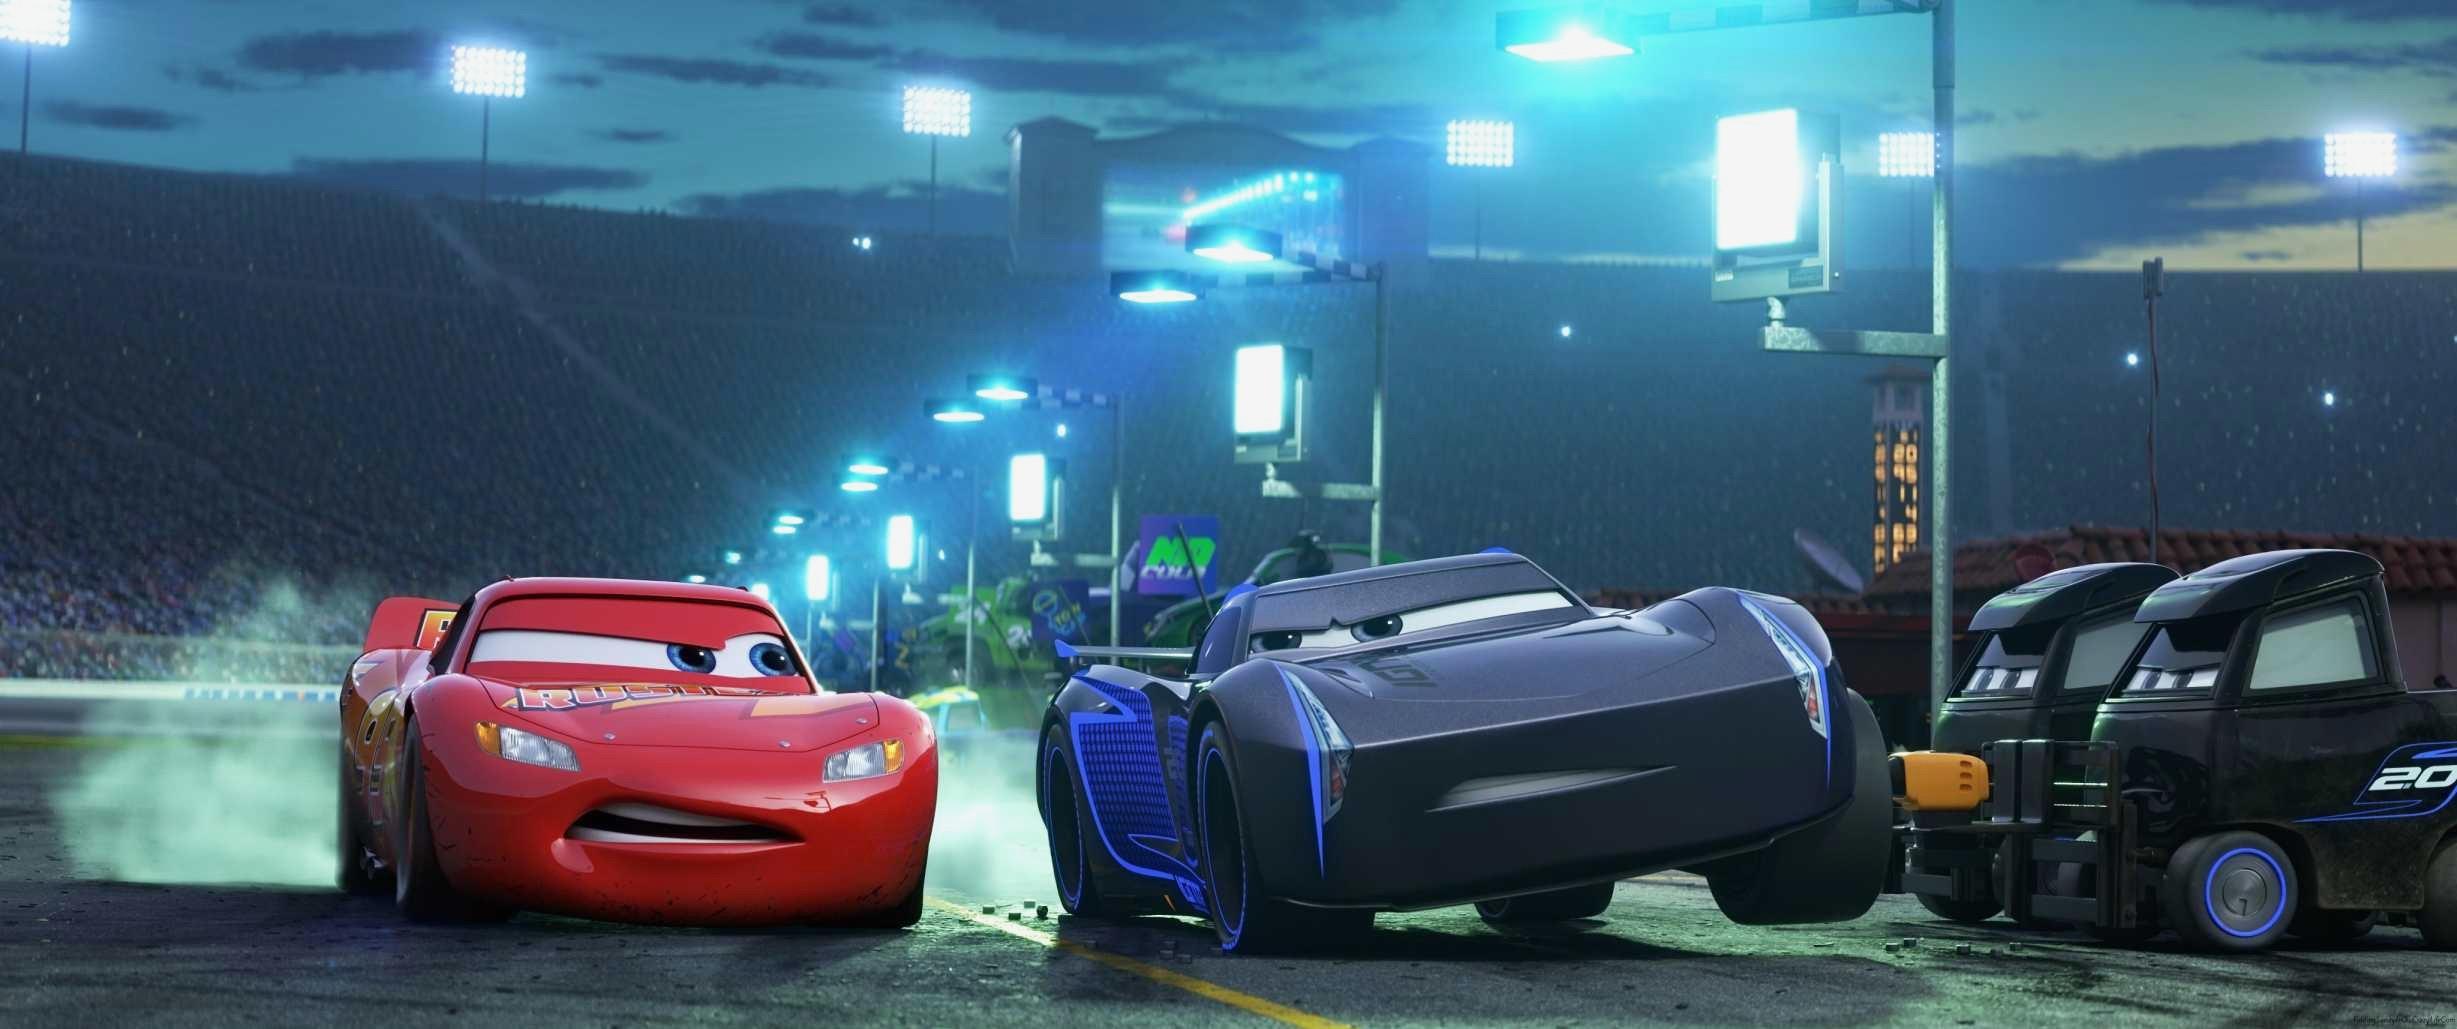 Ausmalbild Lightning Mcqueen Inspirierend Ausmalbilder Cars 3 Verschiedene Bilder Färben Fresh Disney Cars 3 Das Bild